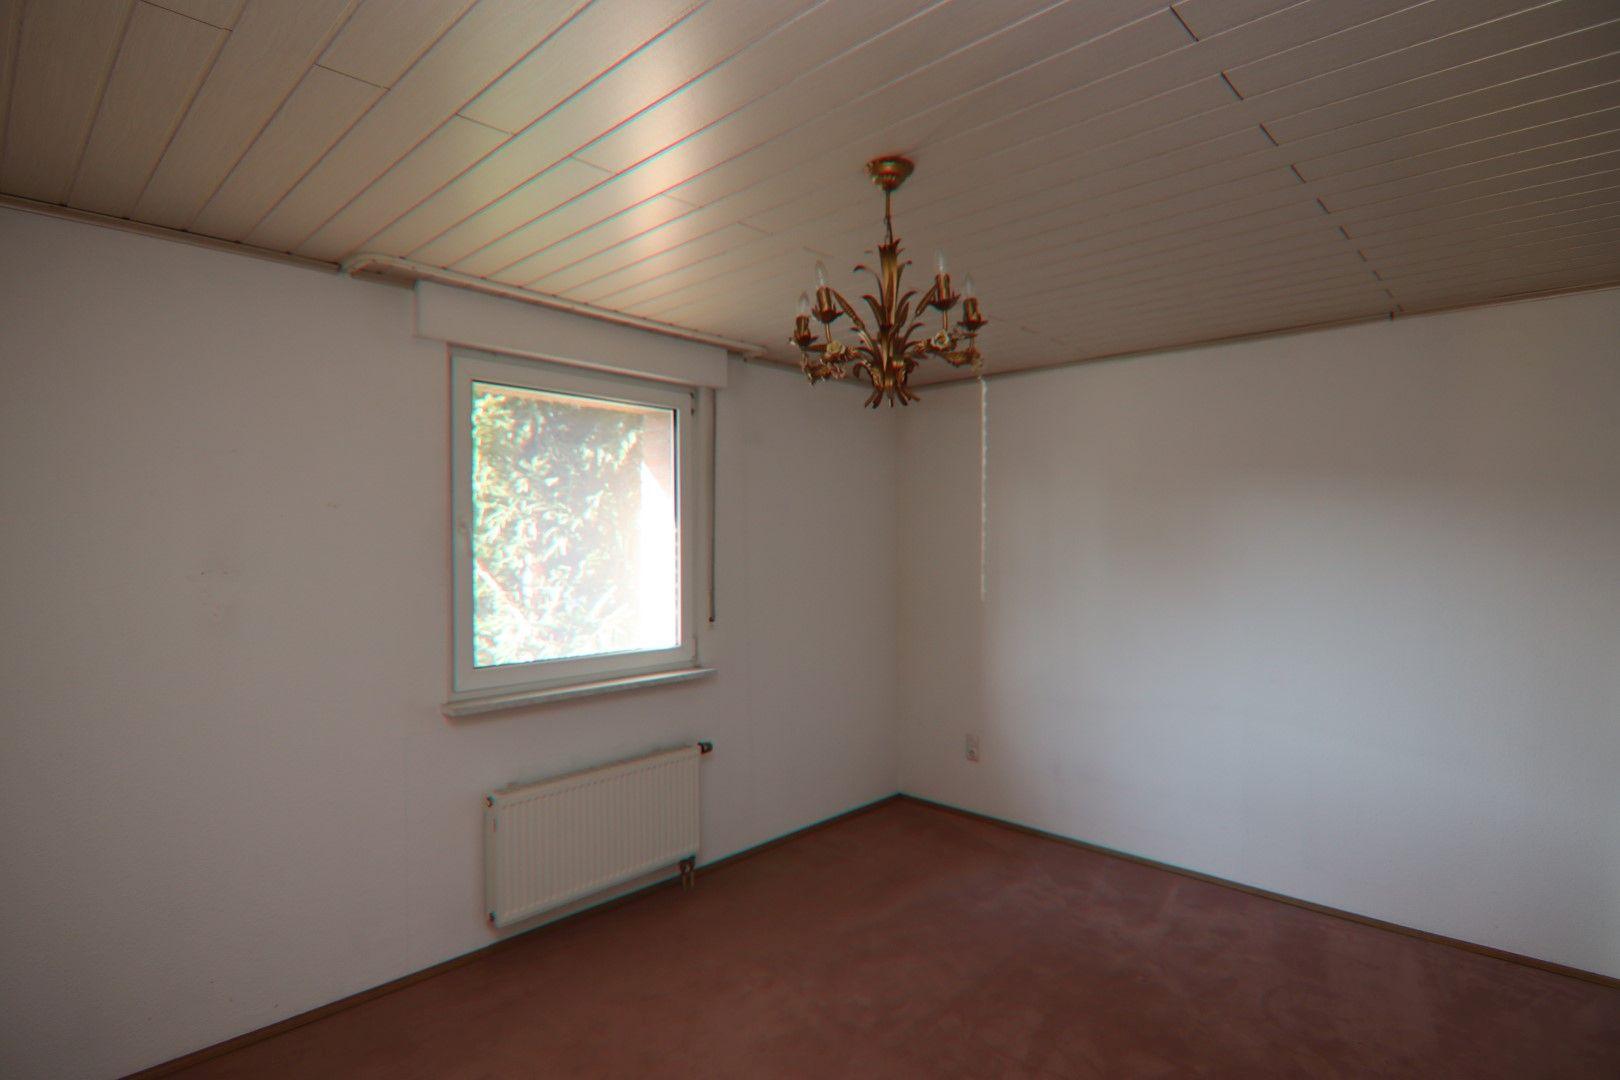 Immobilie Nr.0287 - Doppelhaushälfte mit Garten & Terrasse & Garage - Bild 16.jpg